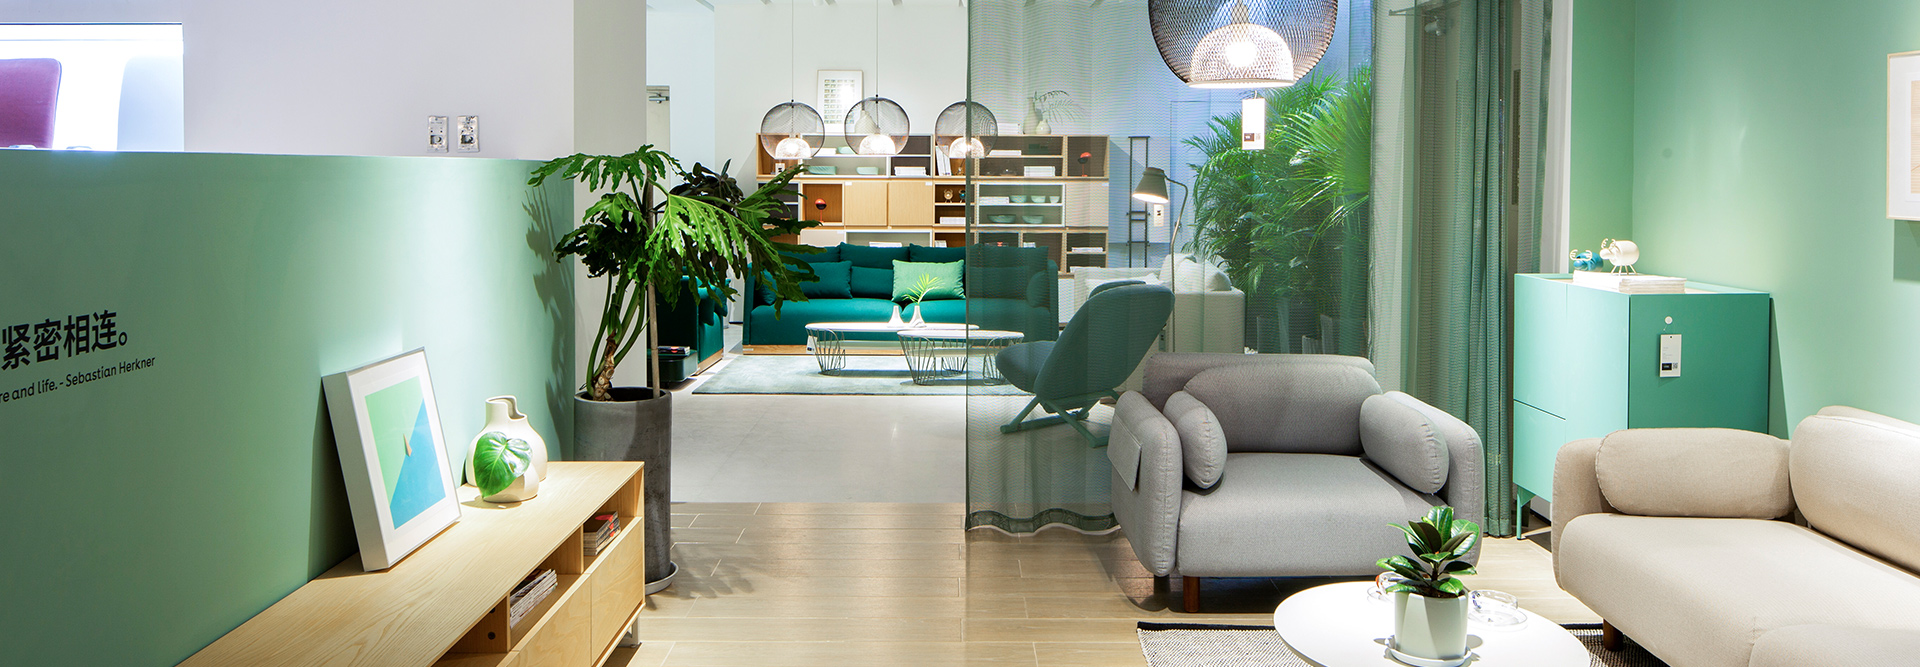 清亮薄荷绿、静谧雾霾蓝,实体店的N种打开方式